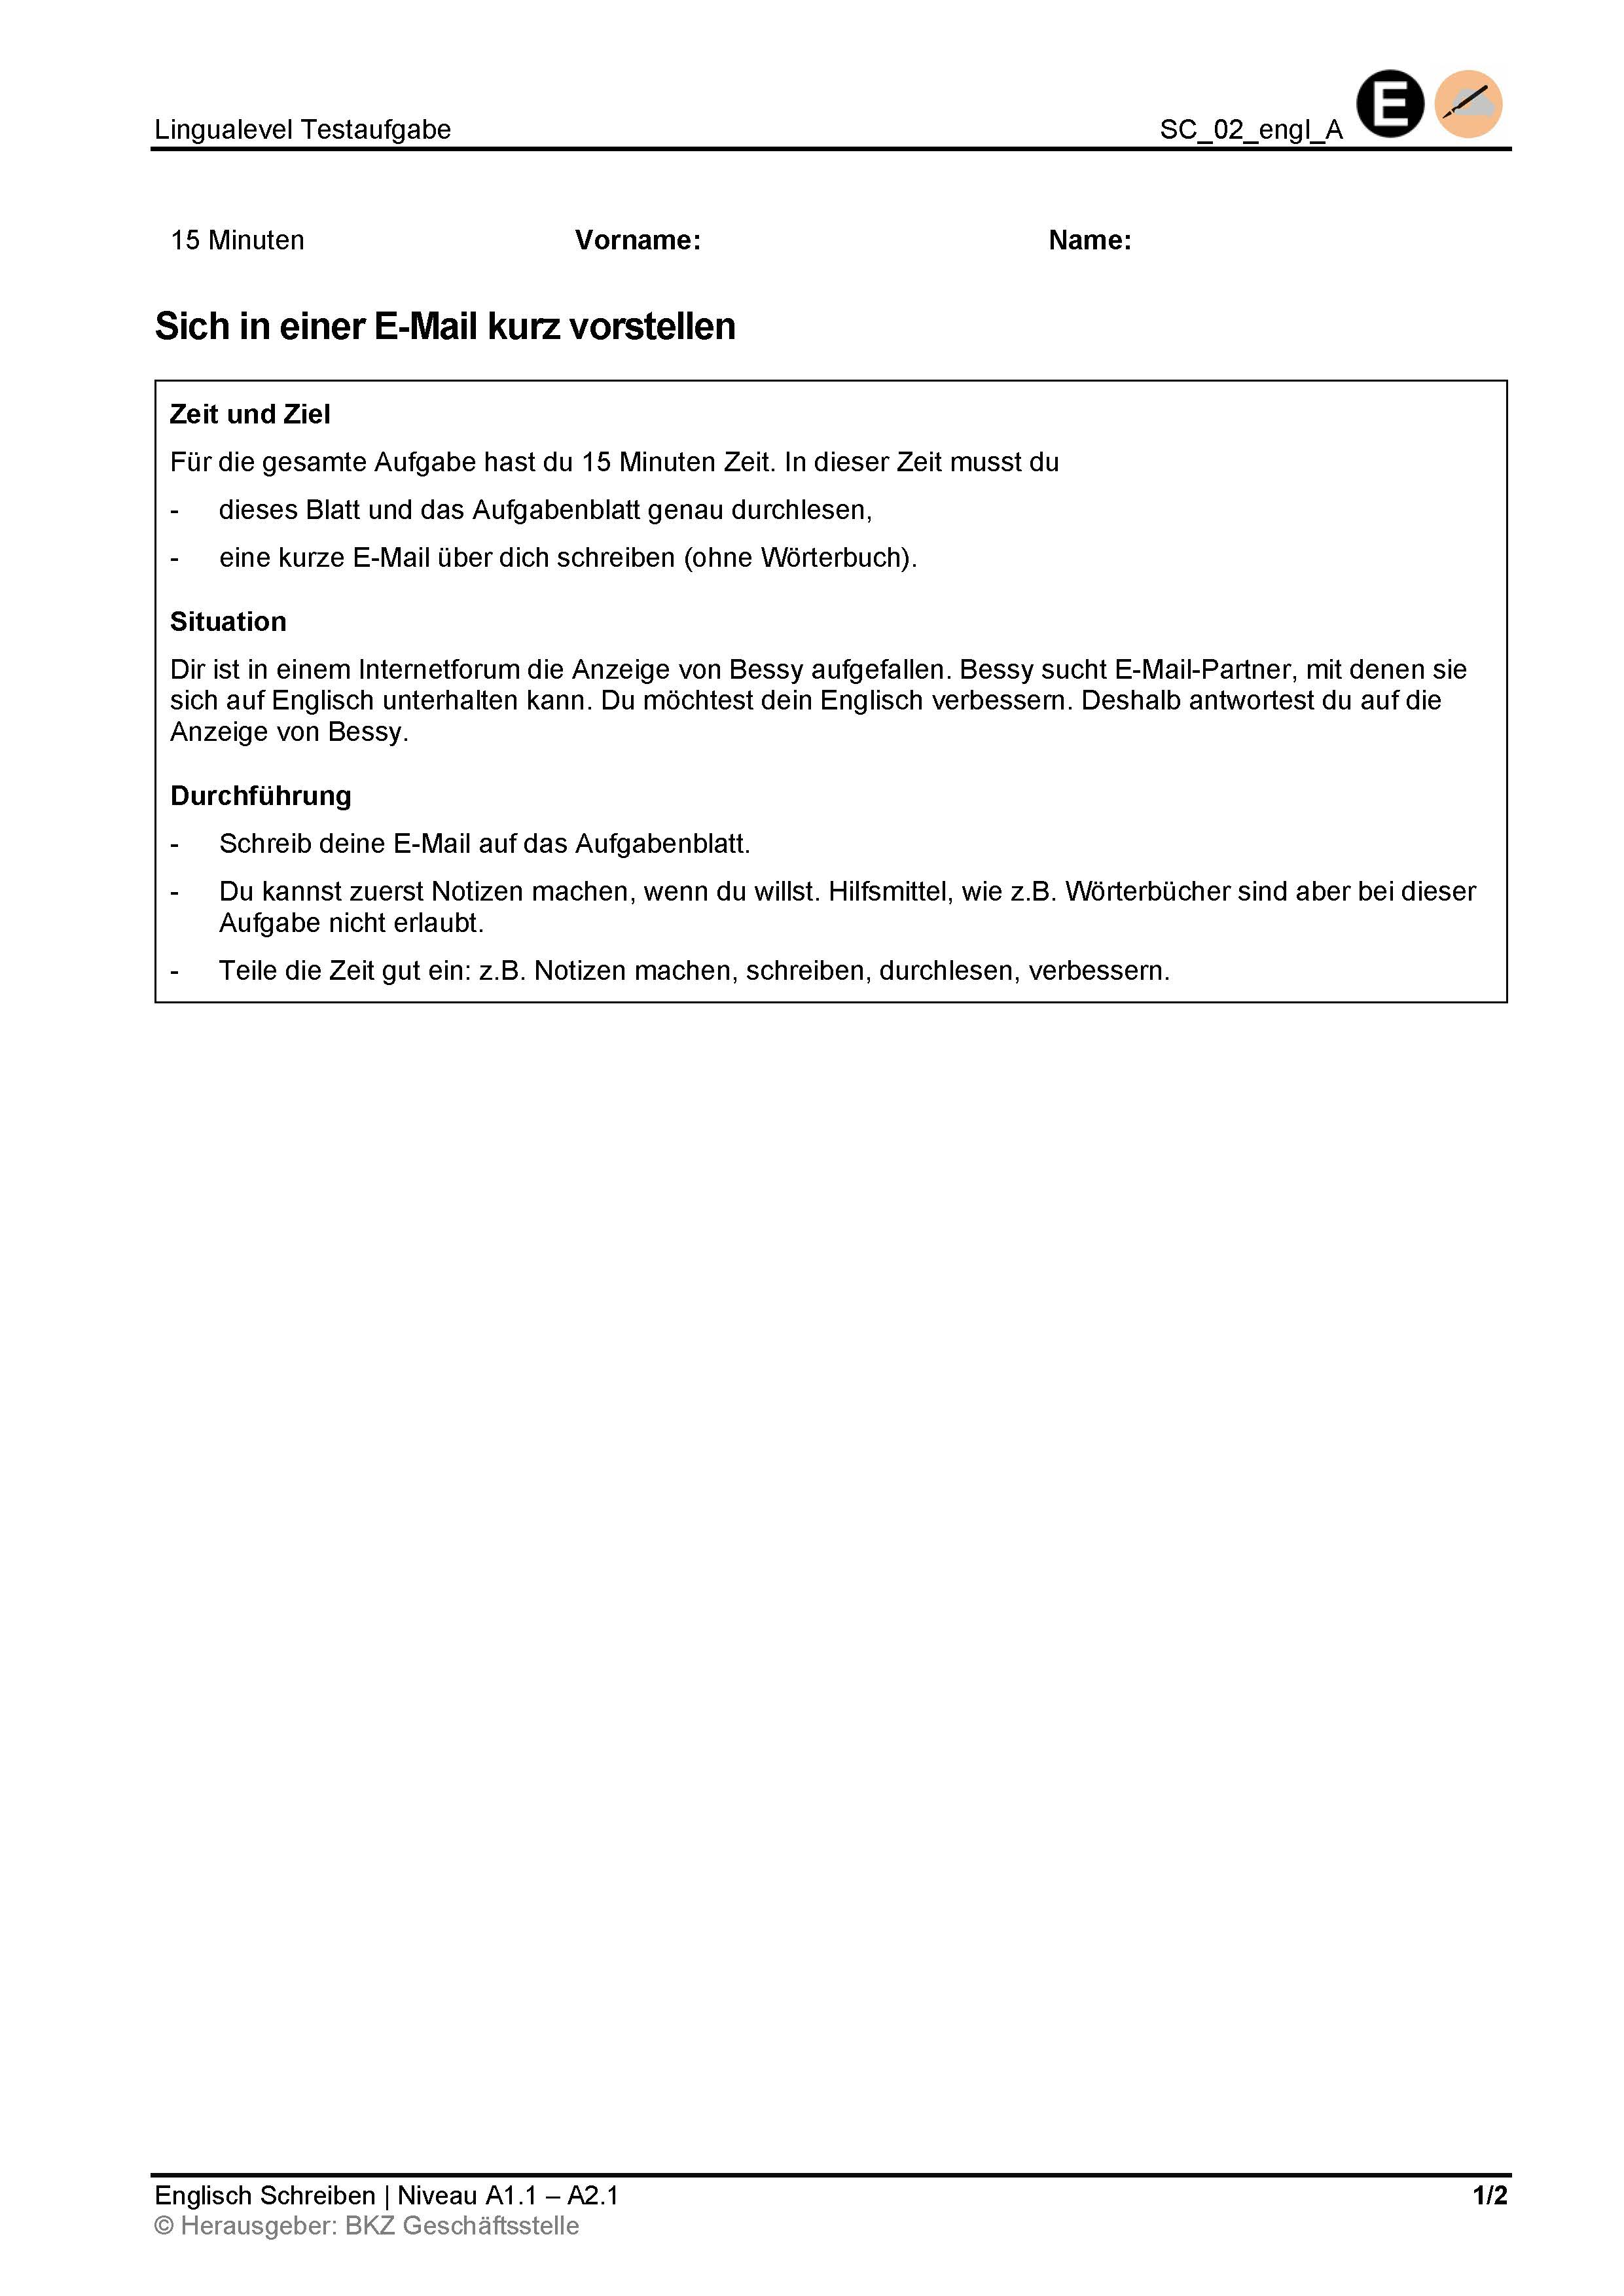 Preview image for LOM object Schreiben: Sich in einer E-Mail kurz vorstellen